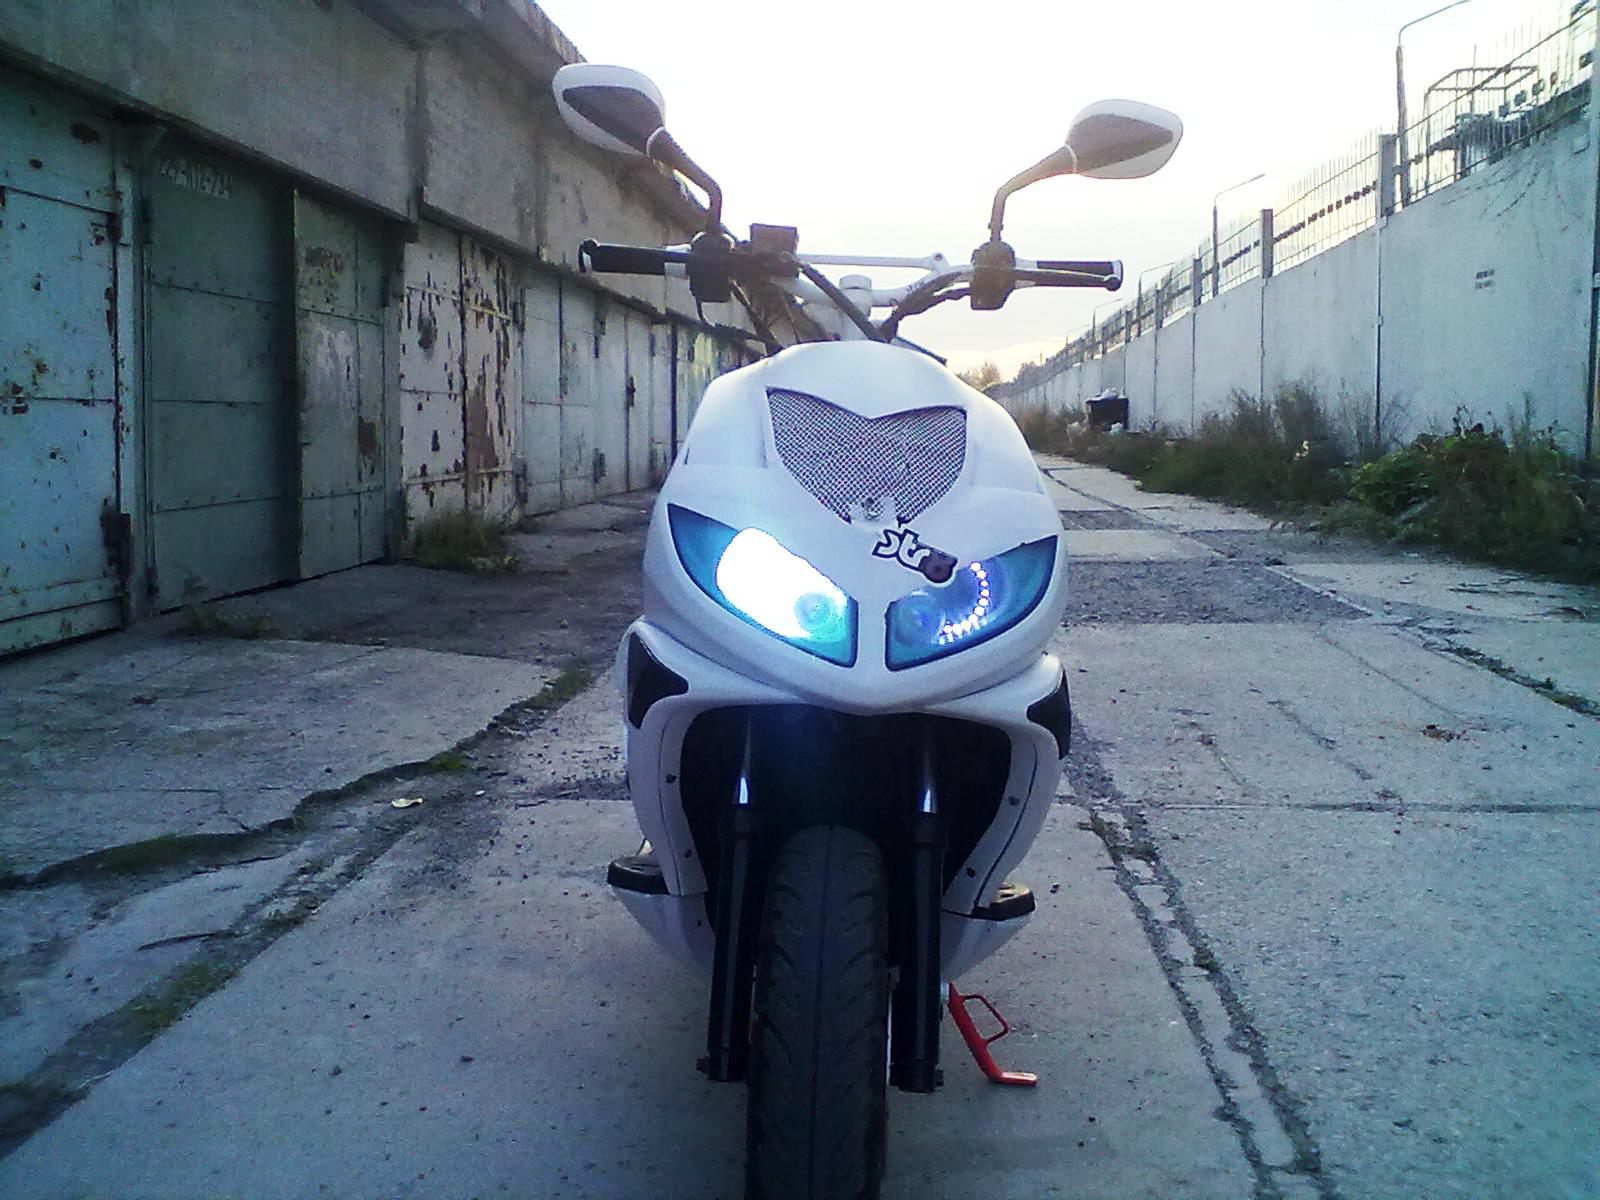 Фото ебут на мотоцикле 4 фотография